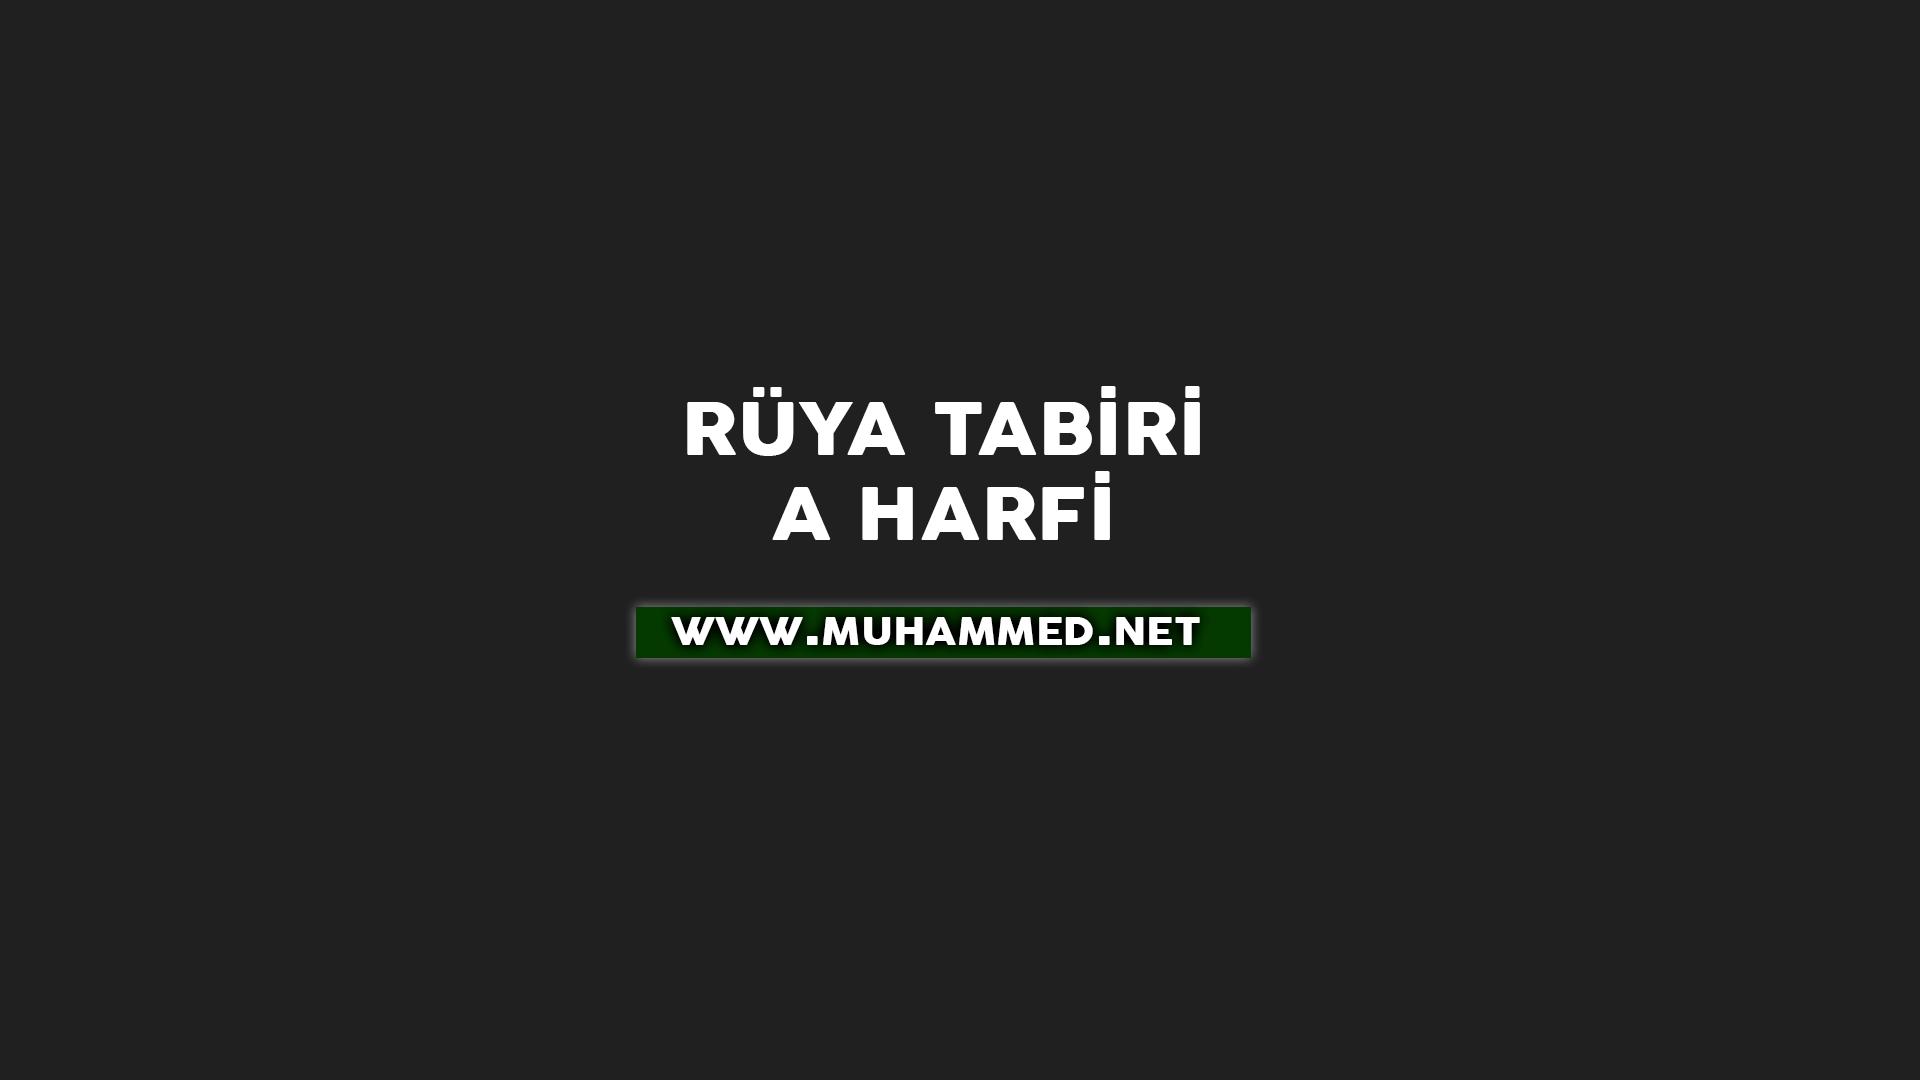 Rüya Tabiri - A Harfi